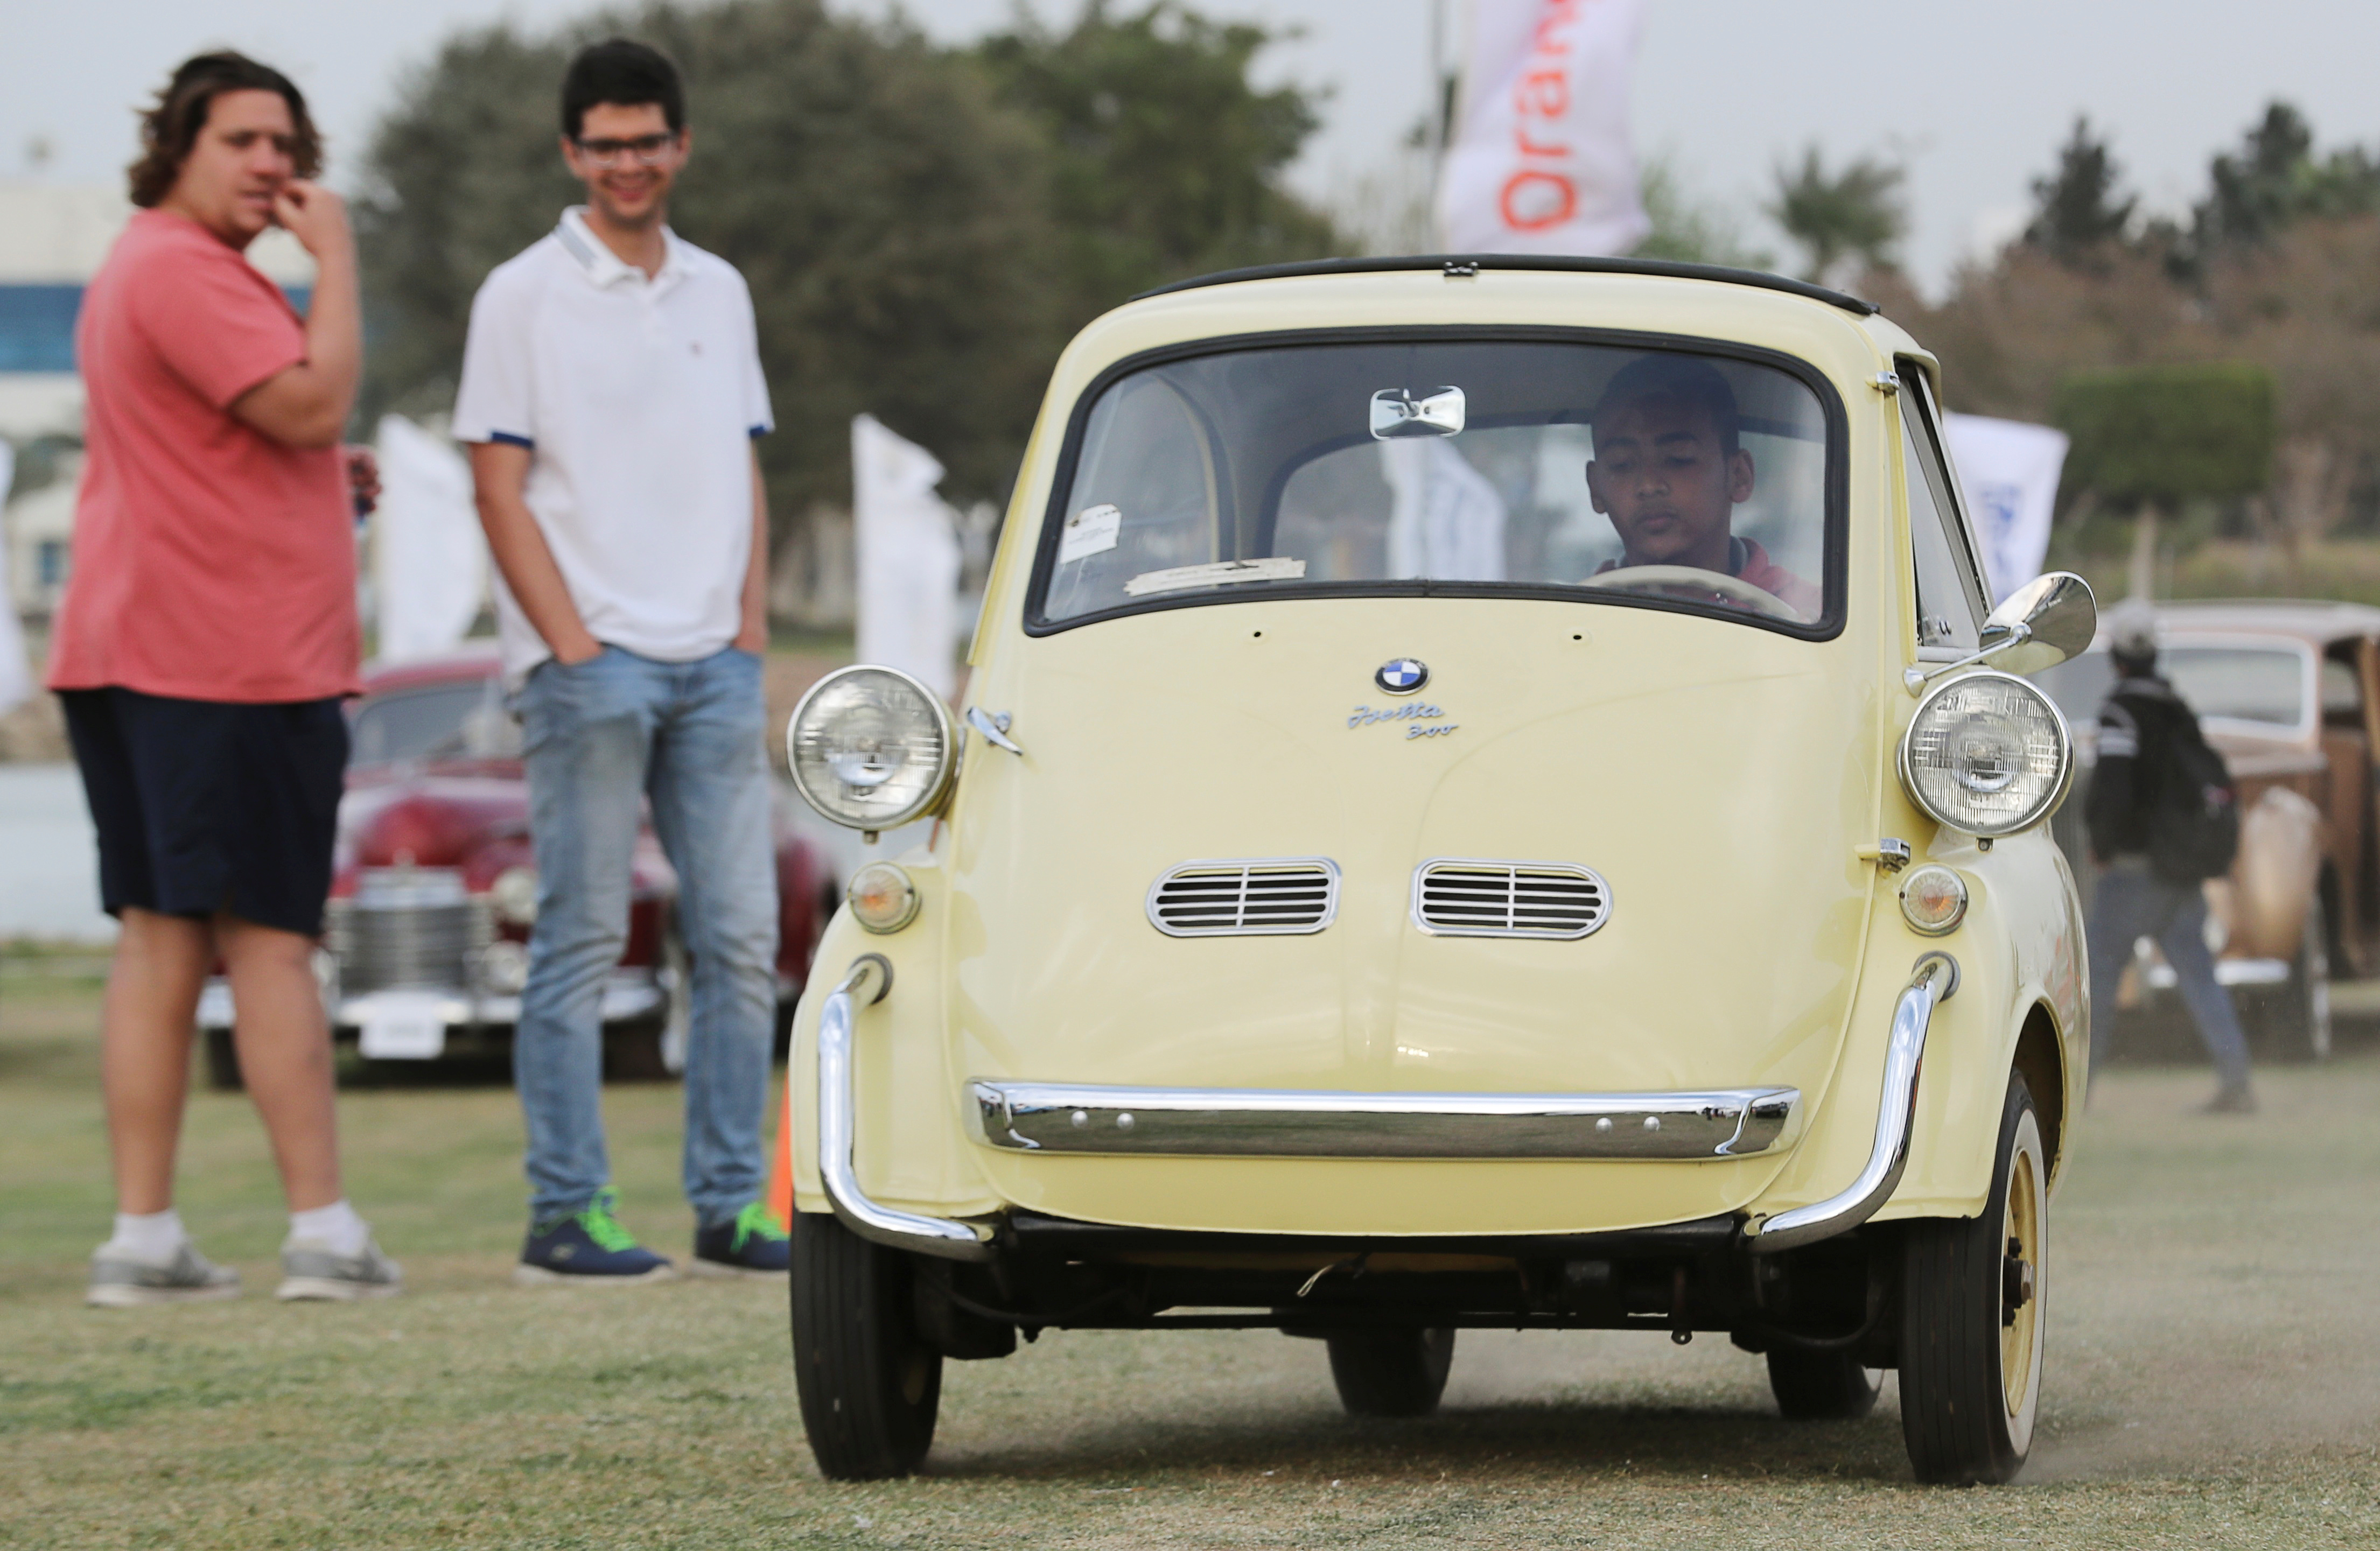 جانب من معرض السيارات القديمة فى القاهرة (2)